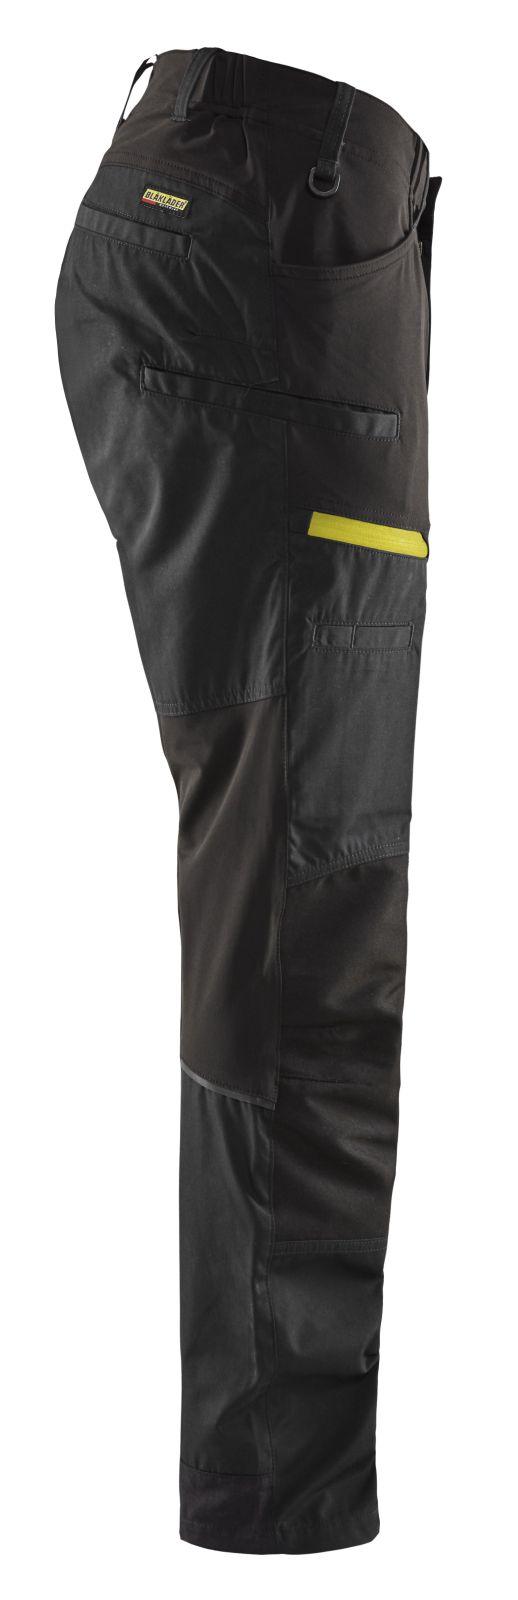 Blaklader Broeken 14561845 met Stretch zwart-fluo geel(9933)